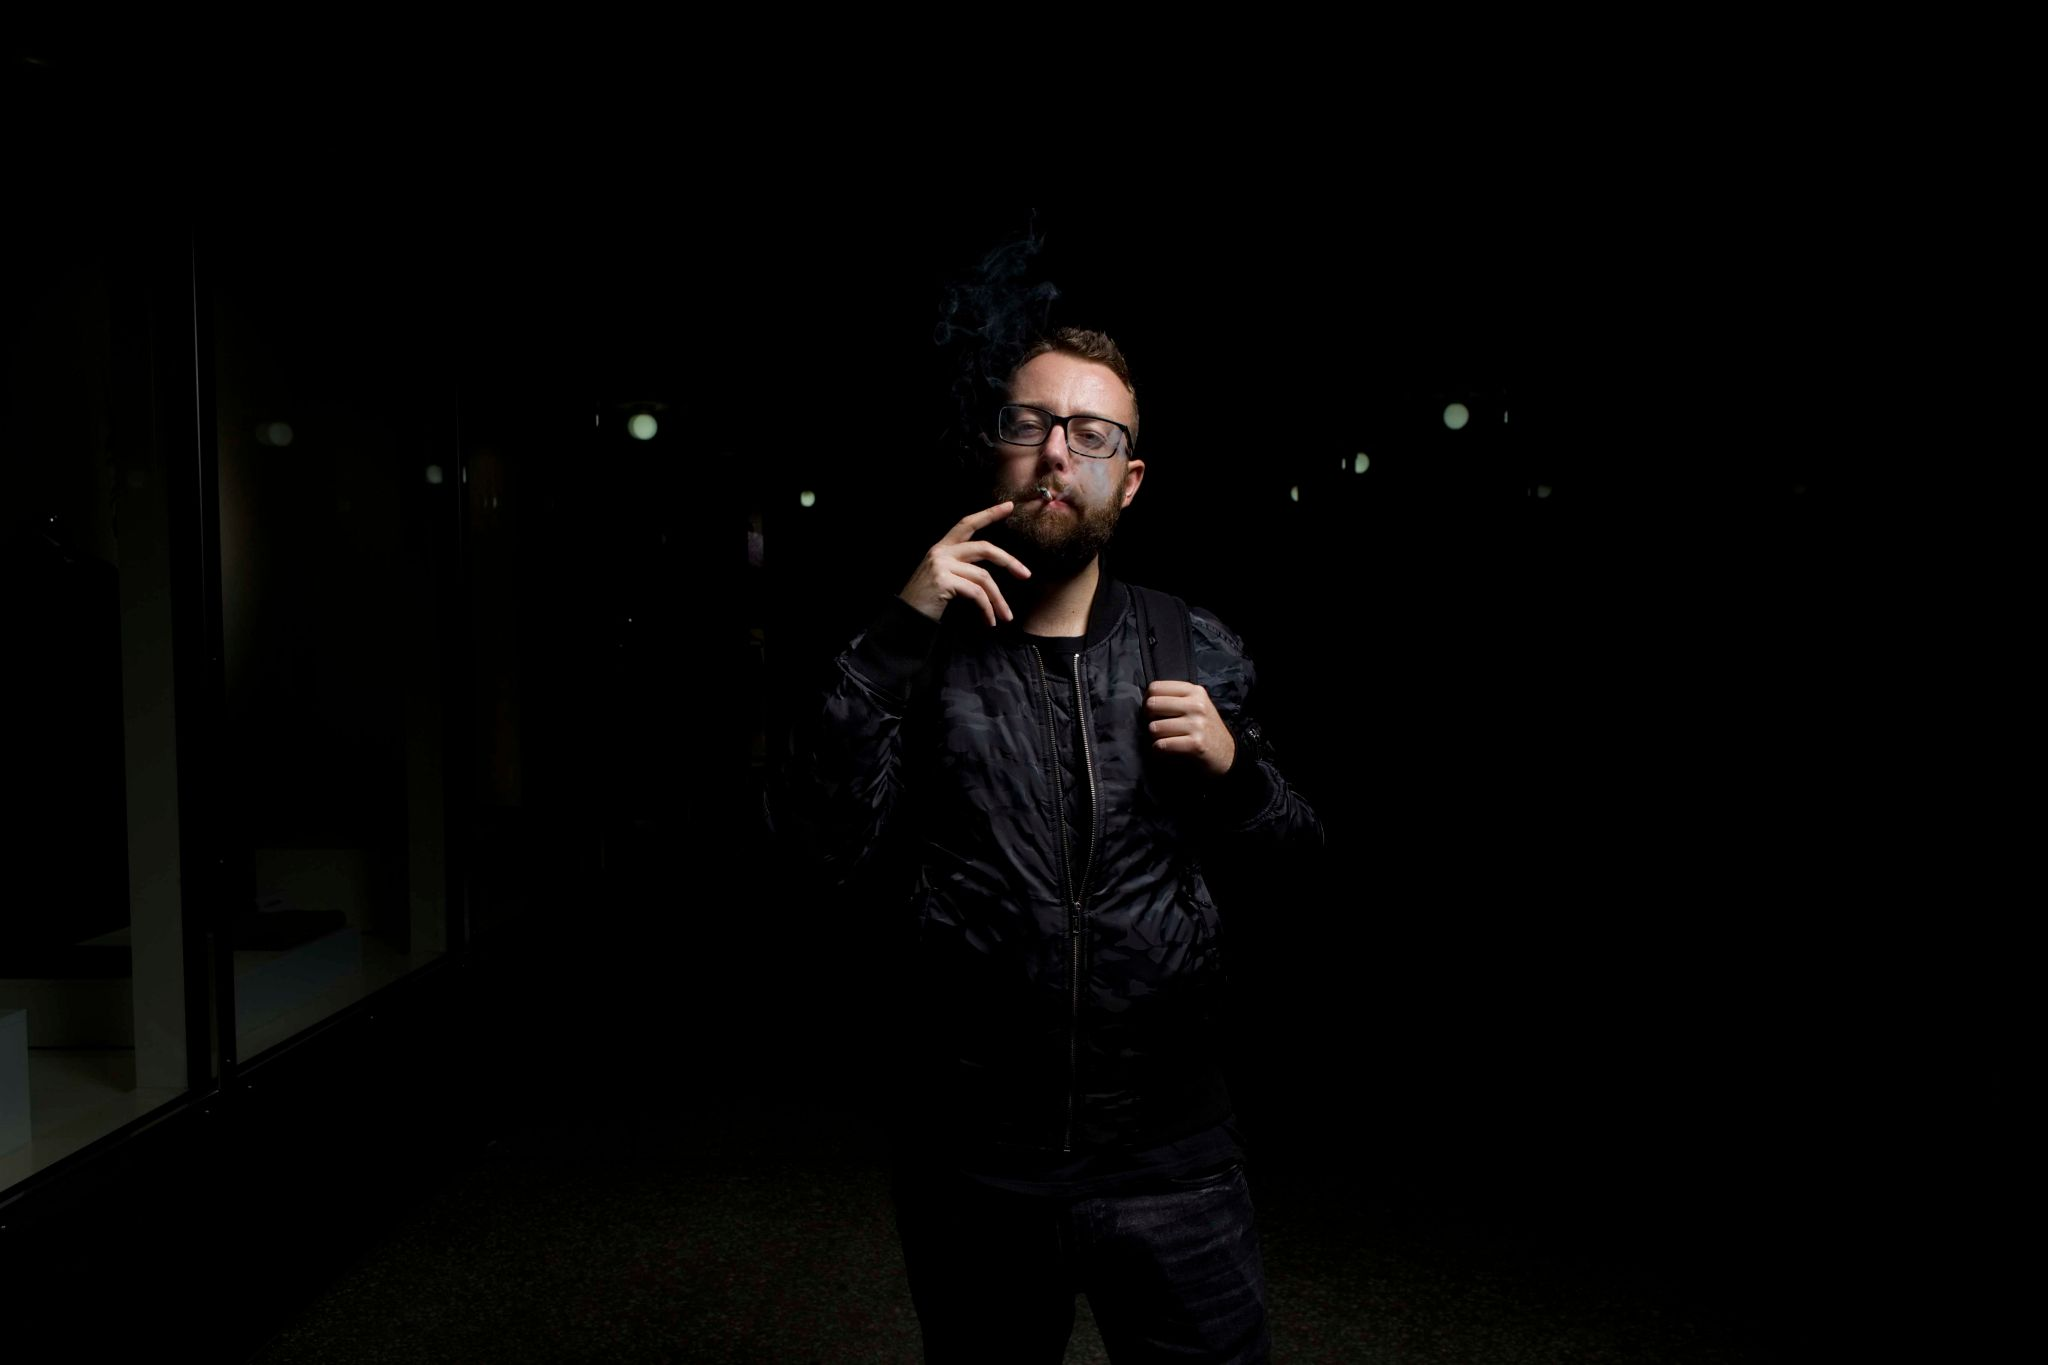 Jak fotit portrét širokoúhlým objektivem? Hlídejte si odstup a zvolte správný úhel